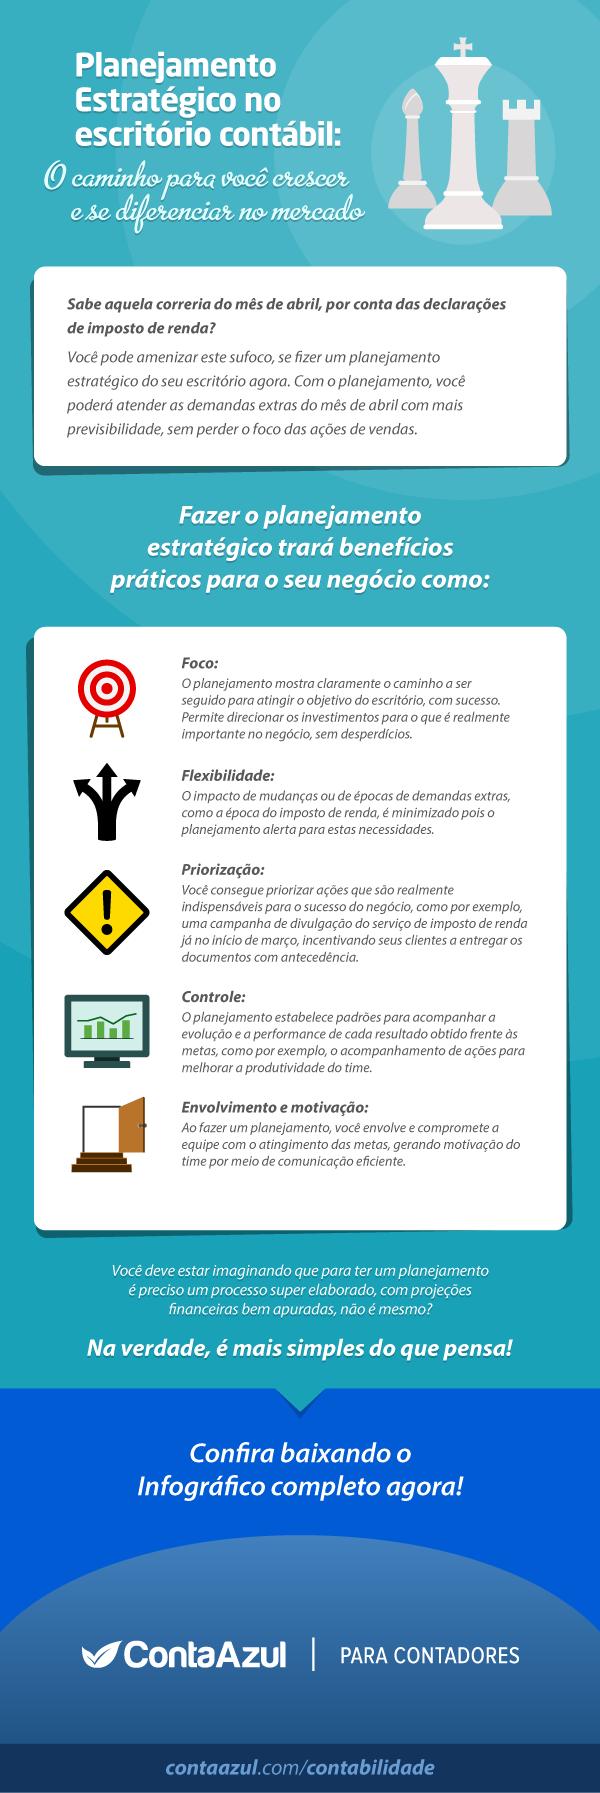 Infografico_Planejamento_Estrategico